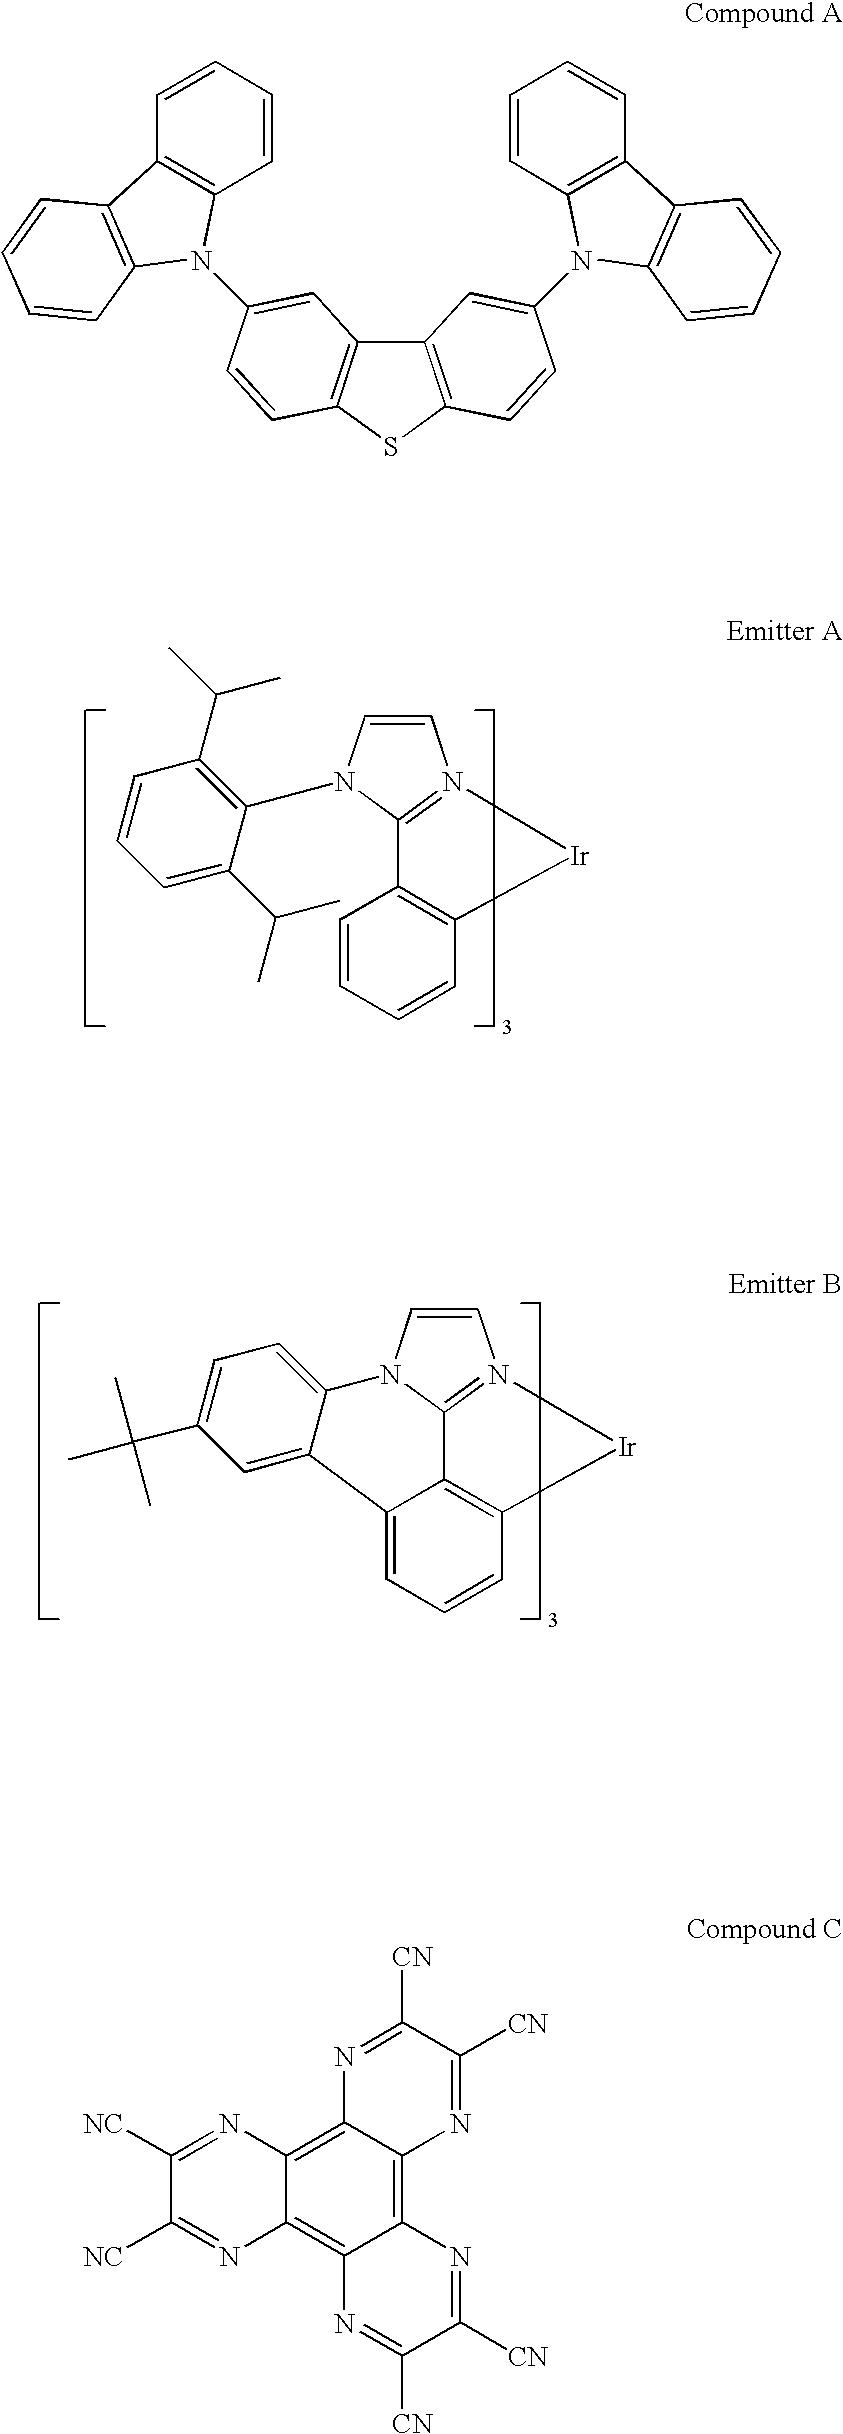 Figure US20100225252A1-20100909-C00002